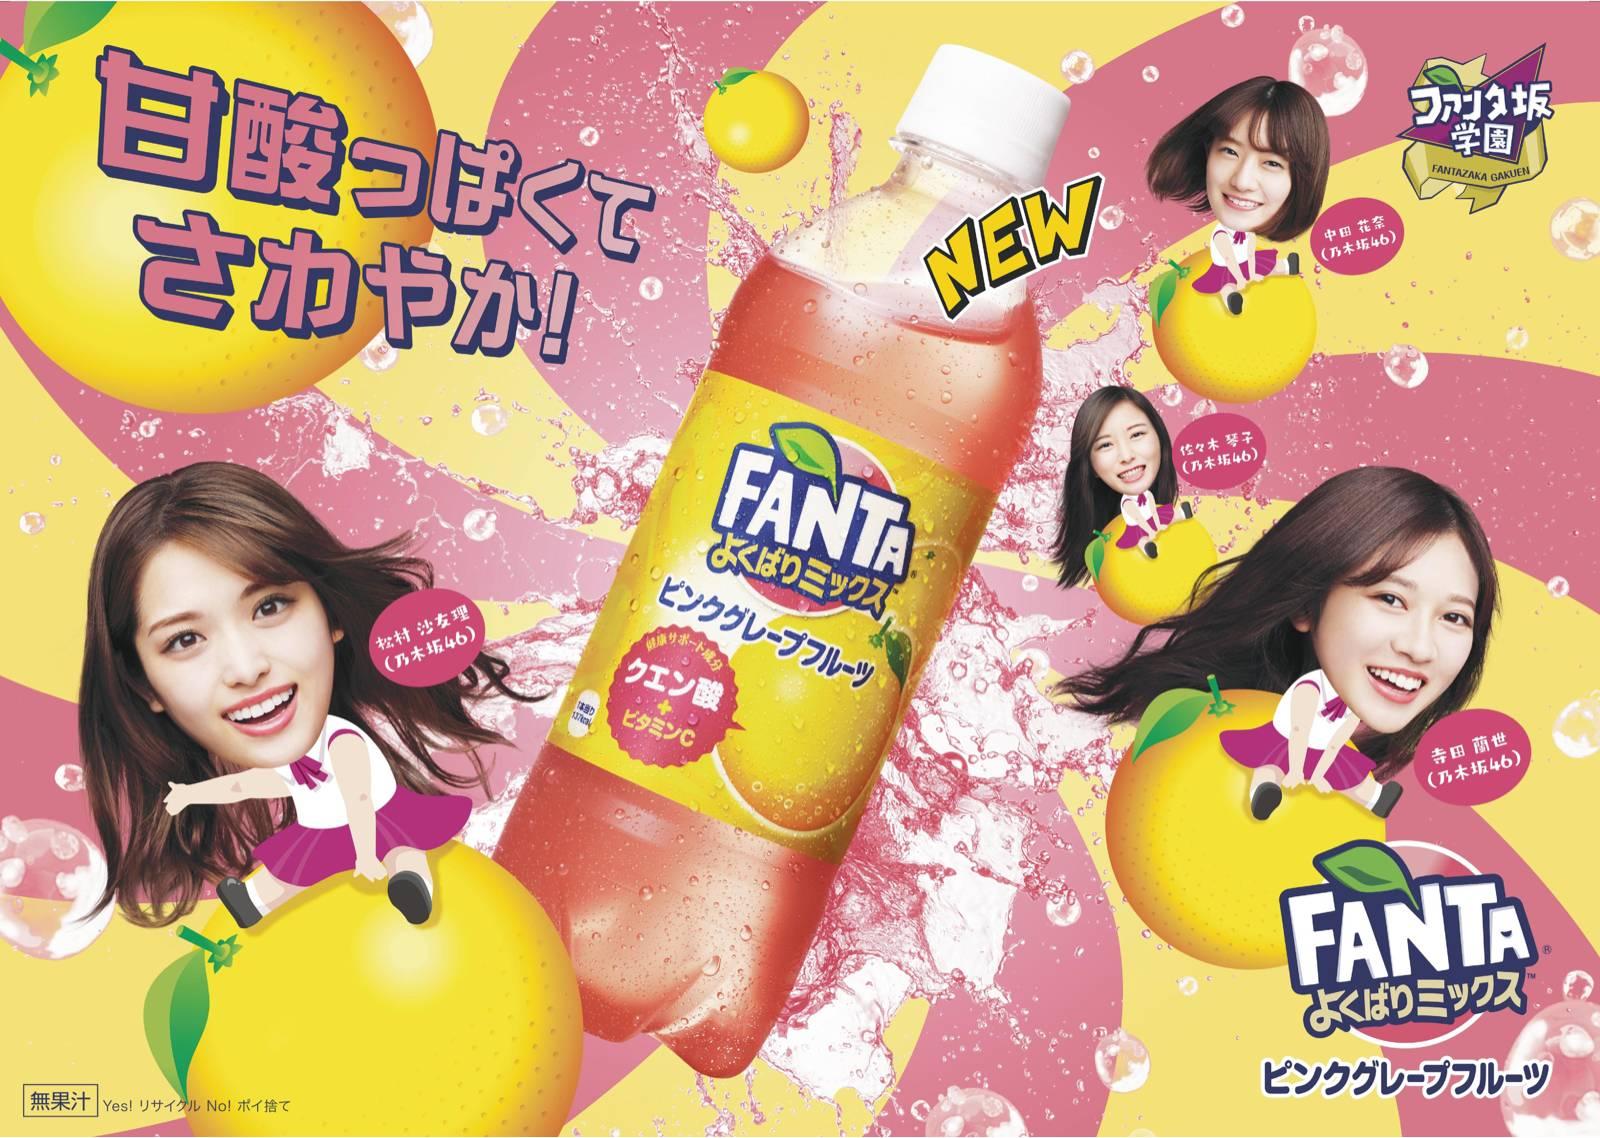 ファンタ ピンクグレープフルーツのポスターにさゆりんご軍団